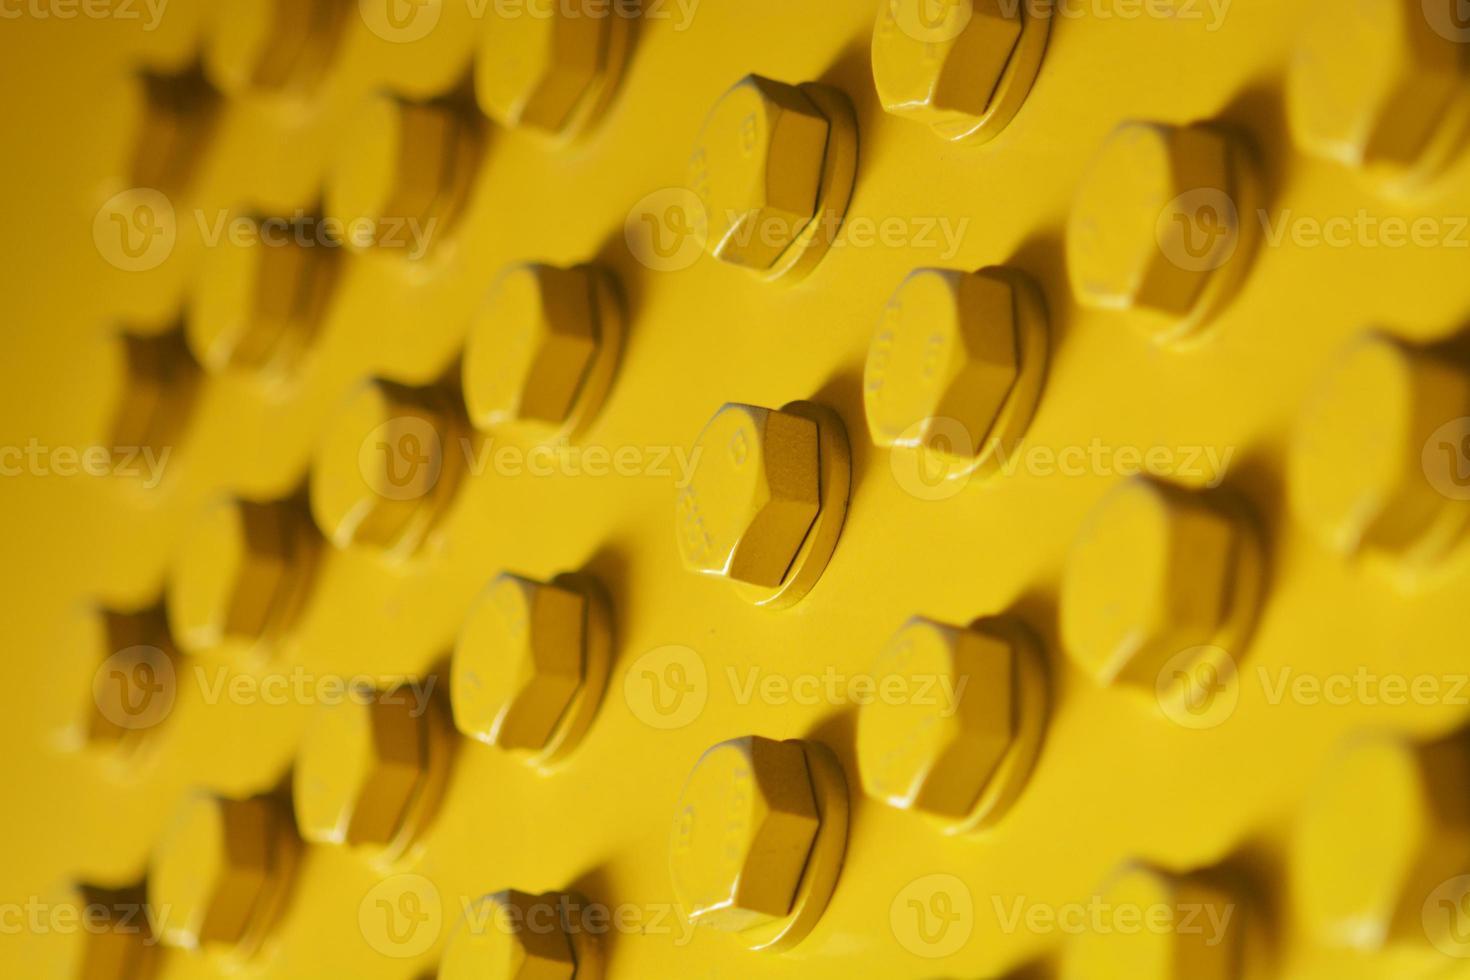 bolt assembly photo